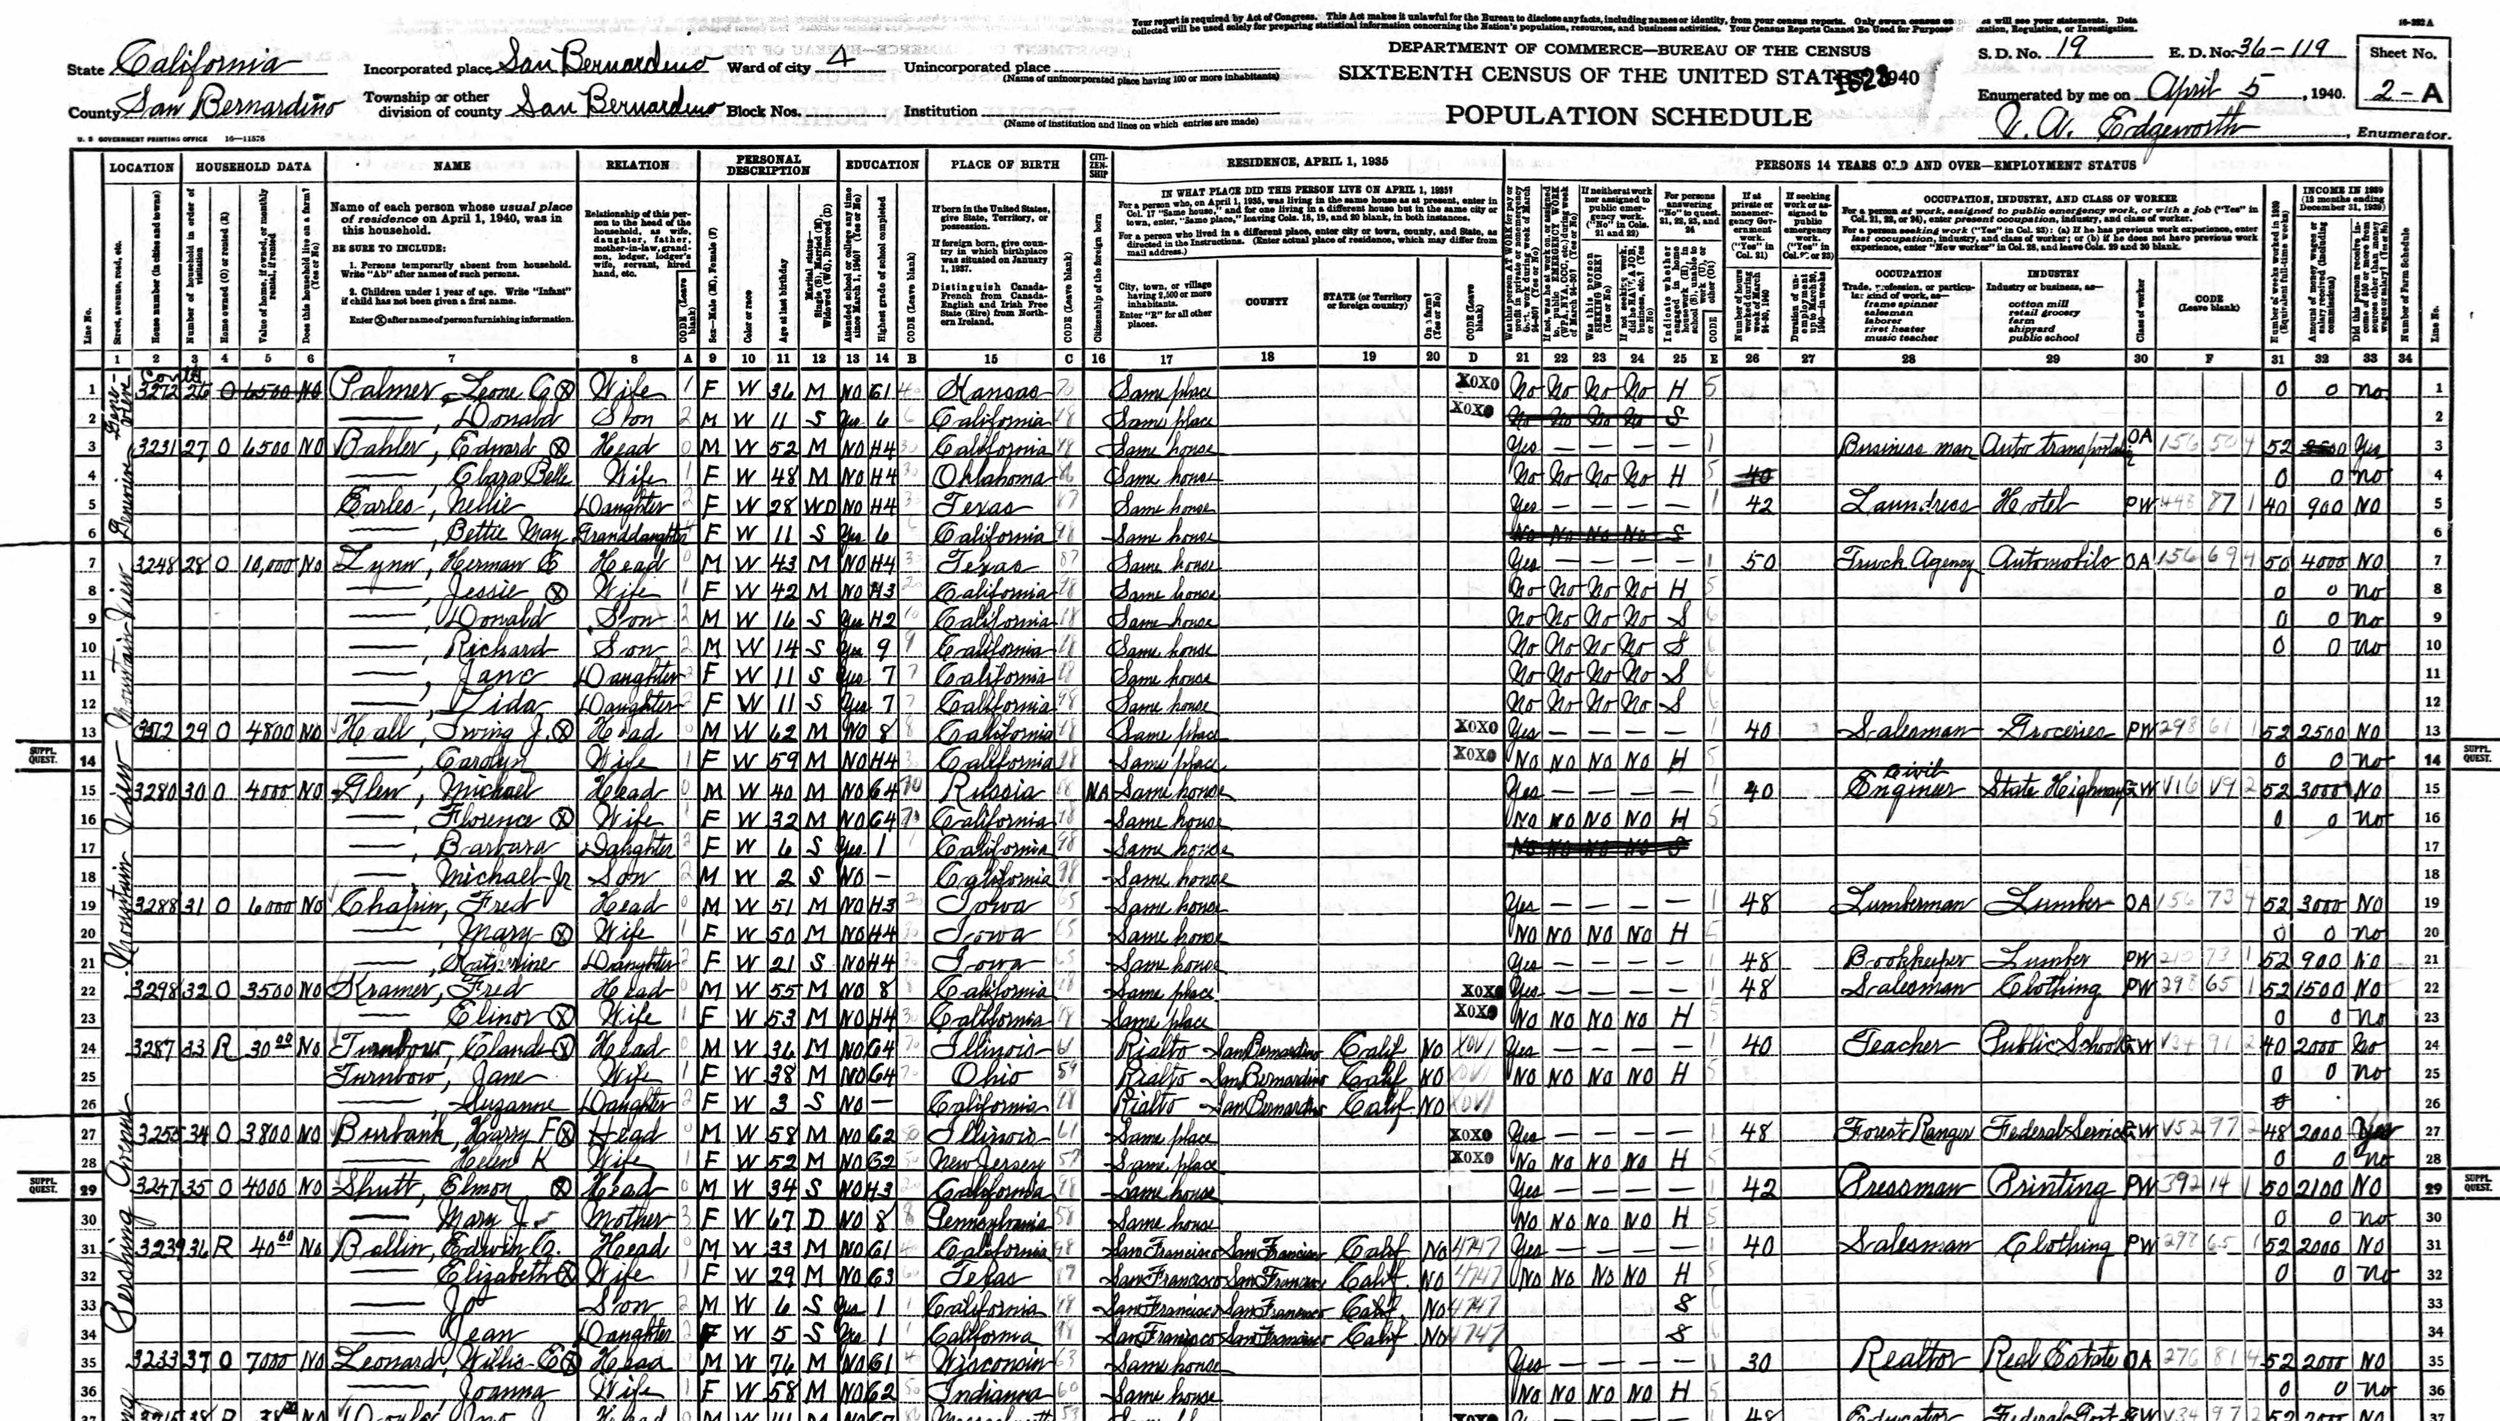 1940.04.05.census.2.jpg